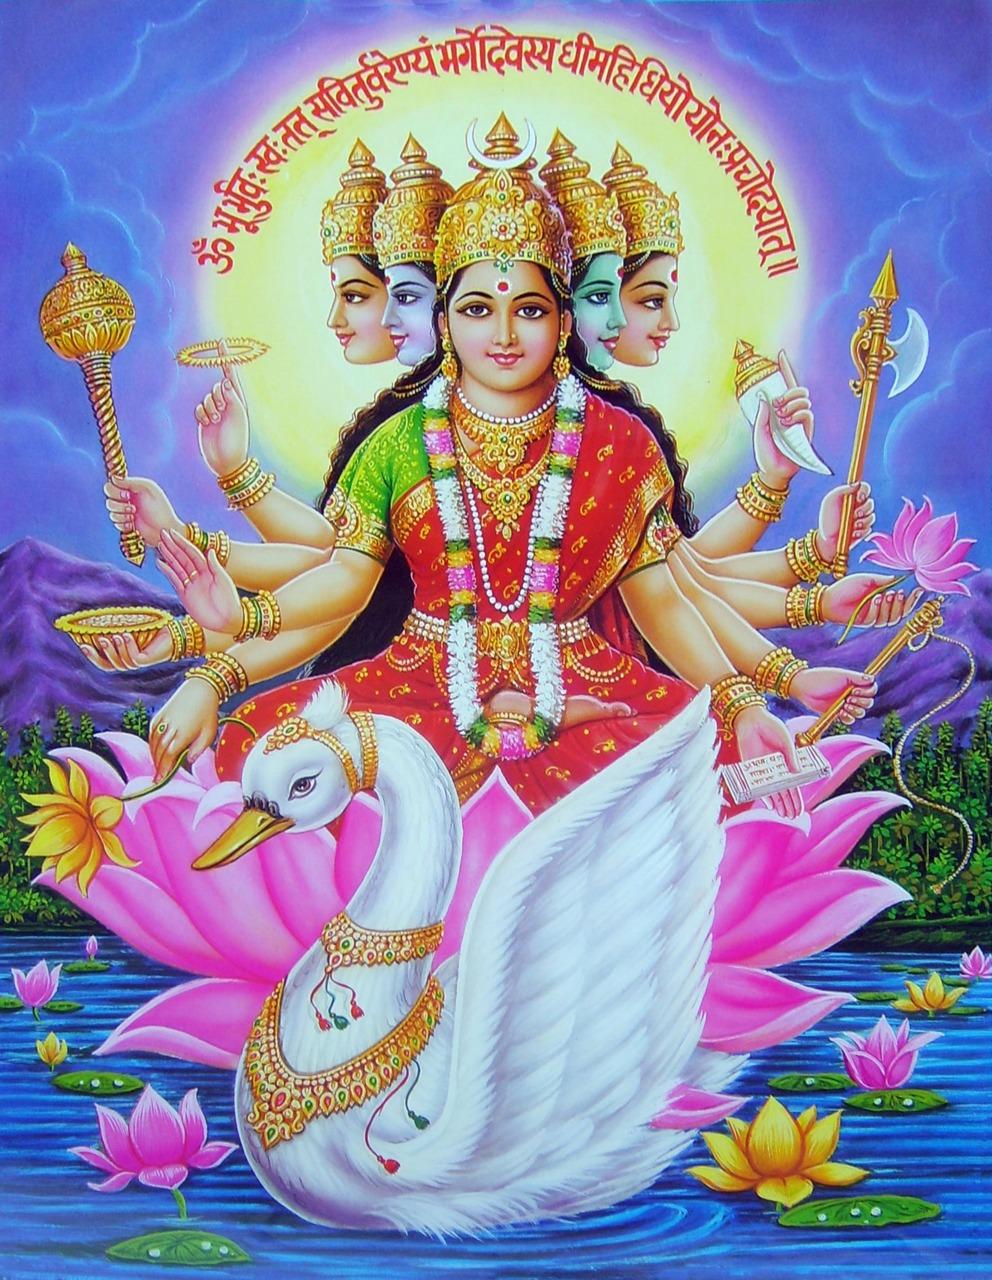 DEVI-LAKSHMI-DURGA-KALI-SARASVATI-OM-wallpaper-wp6002962